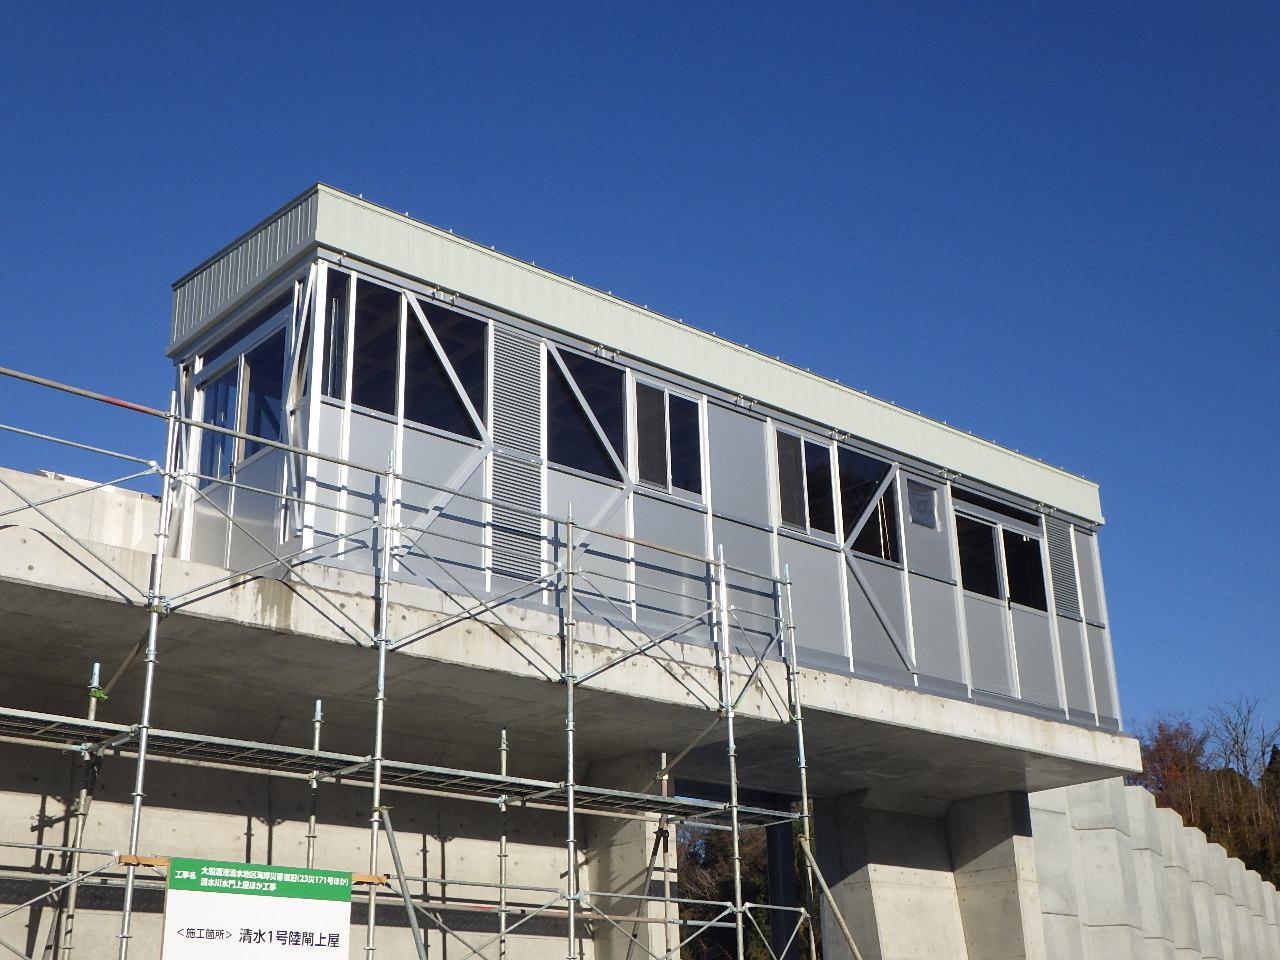 千葉大学医学部附属病院外来診療B棟隣接アメニティ施設新築工事